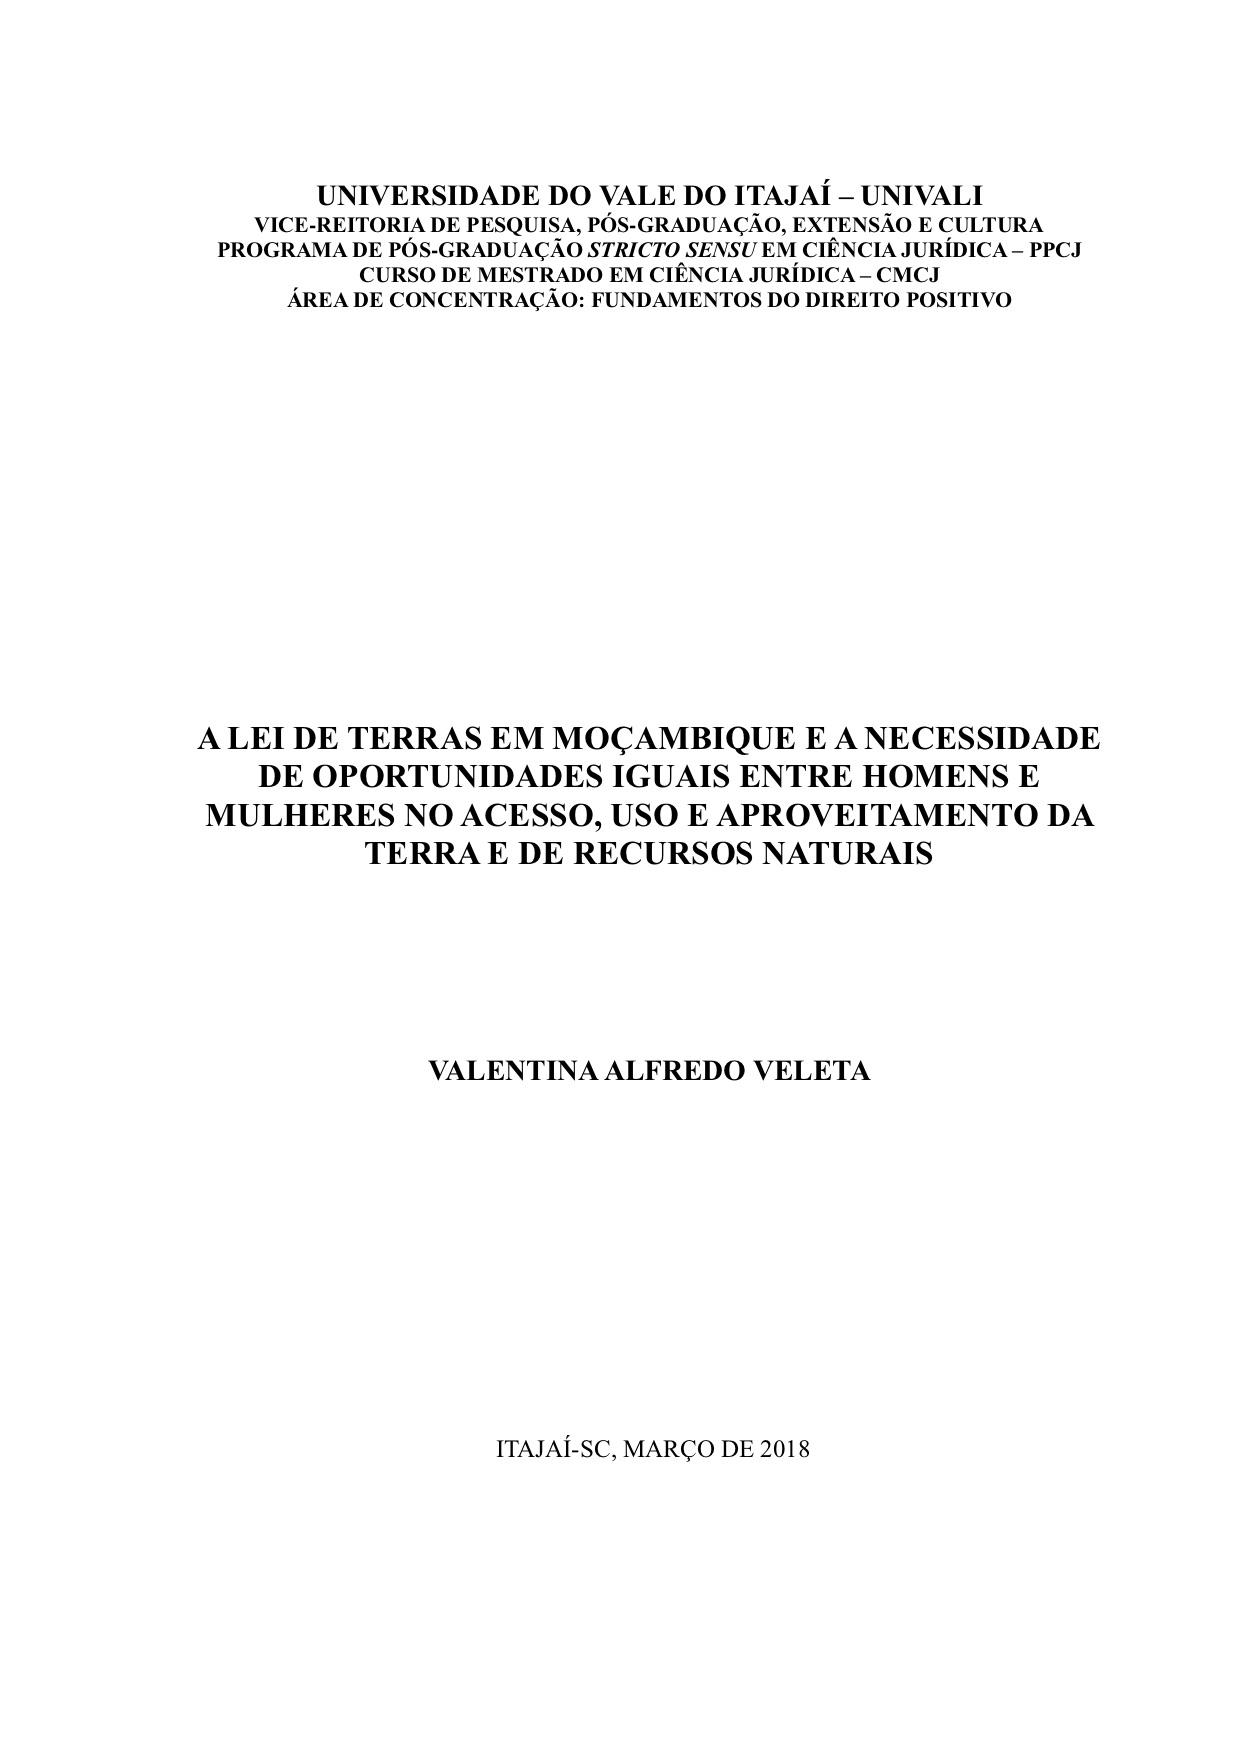 Valentina Alfredo Veleta